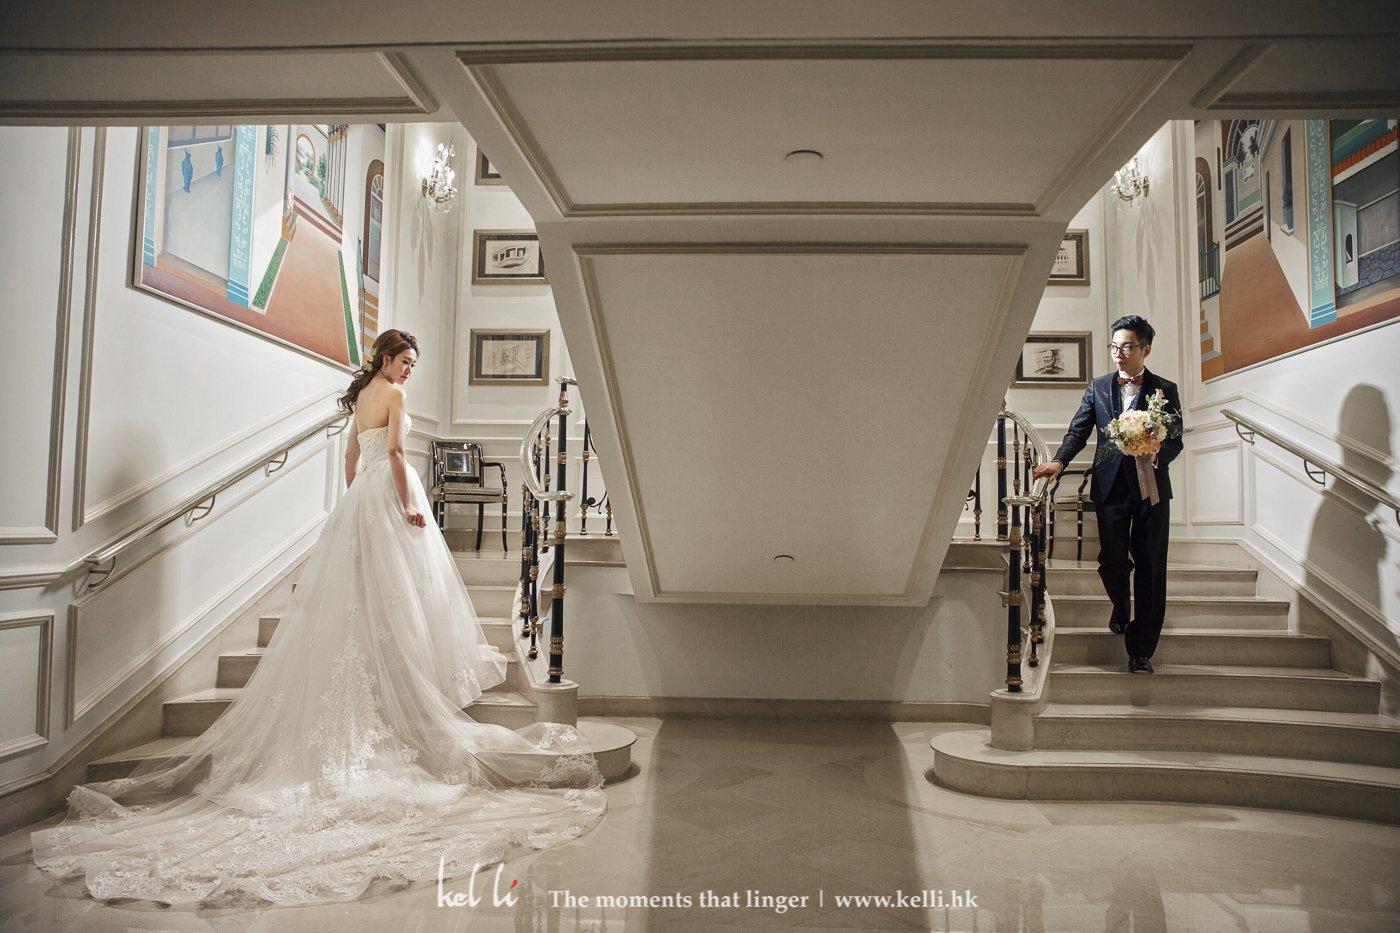 我們會拍攝一些富電影感的婚紗照